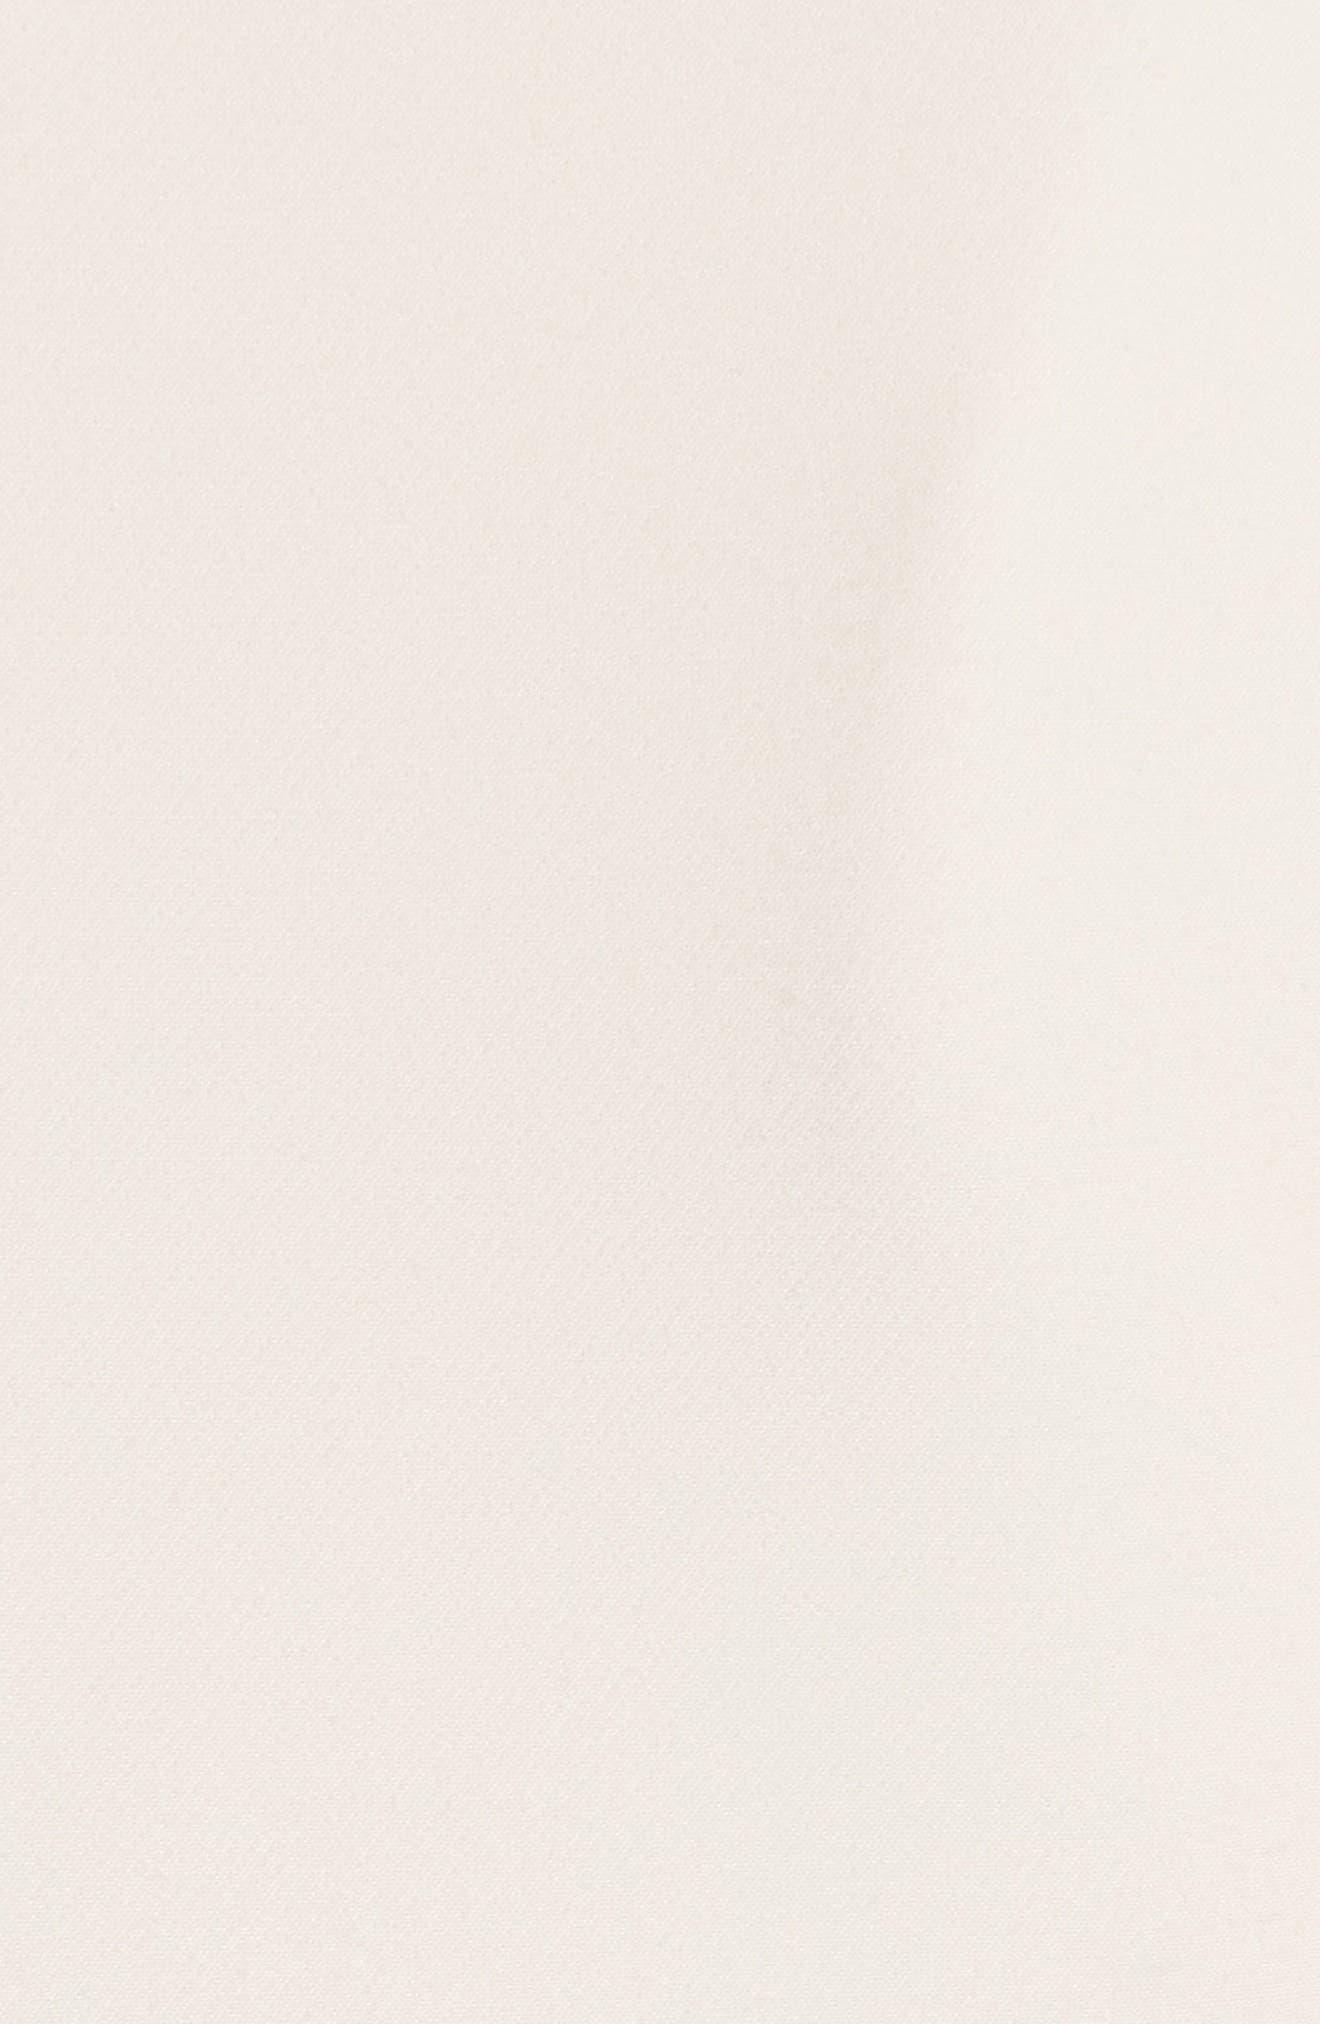 Ruffle Trim Suit Dress,                             Alternate thumbnail 5, color,                             907